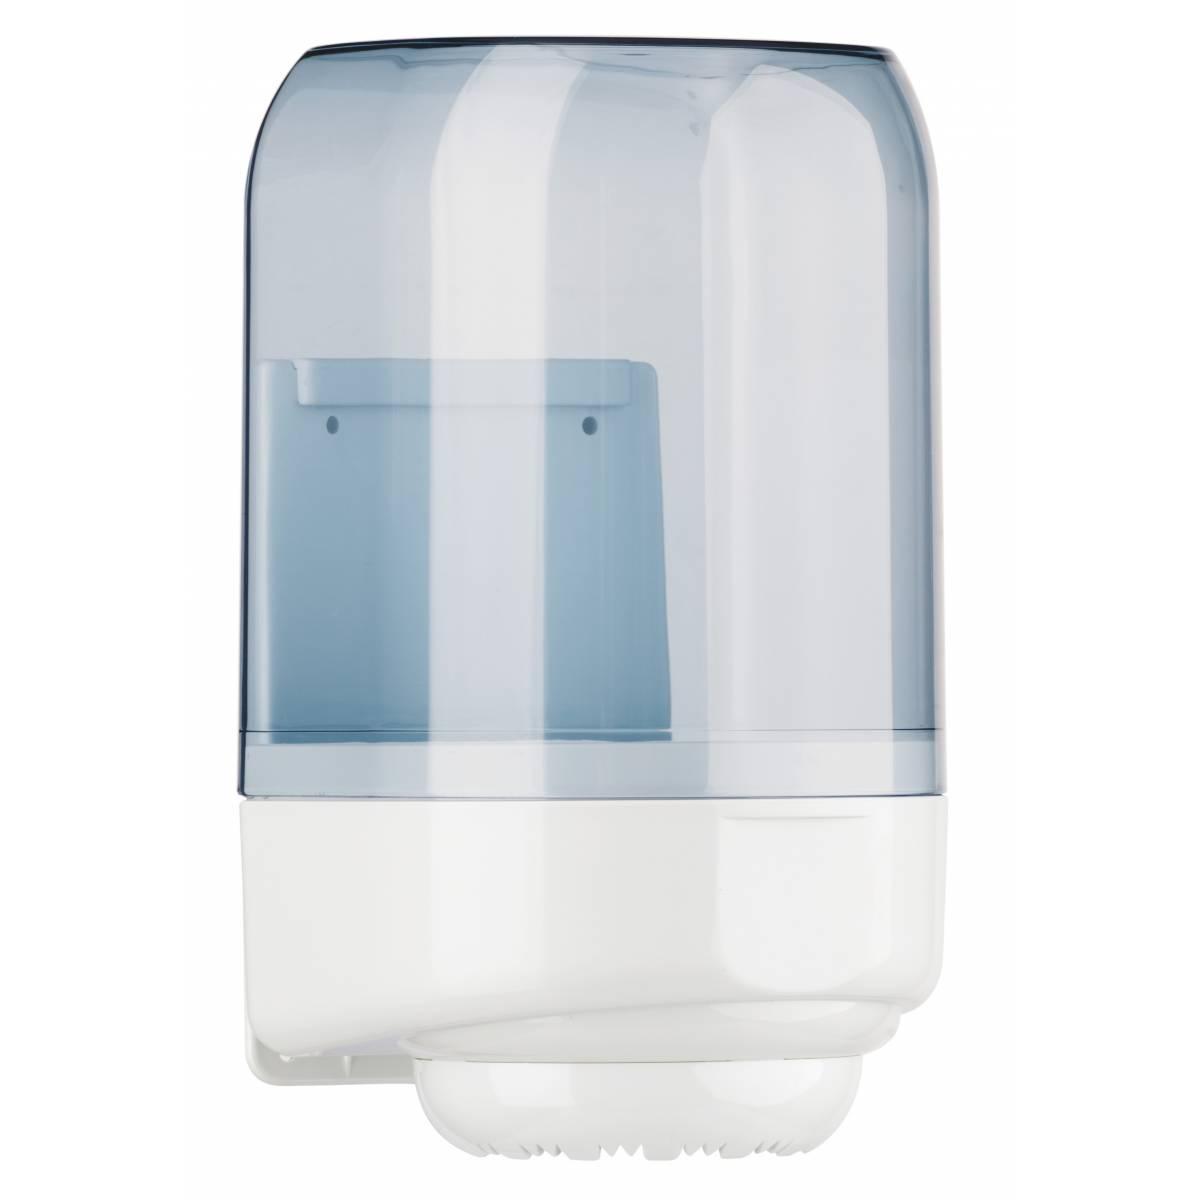 Держатель бумажных рулонных полотенец MINI PRESTIGE (582) A58201 Mar Plast